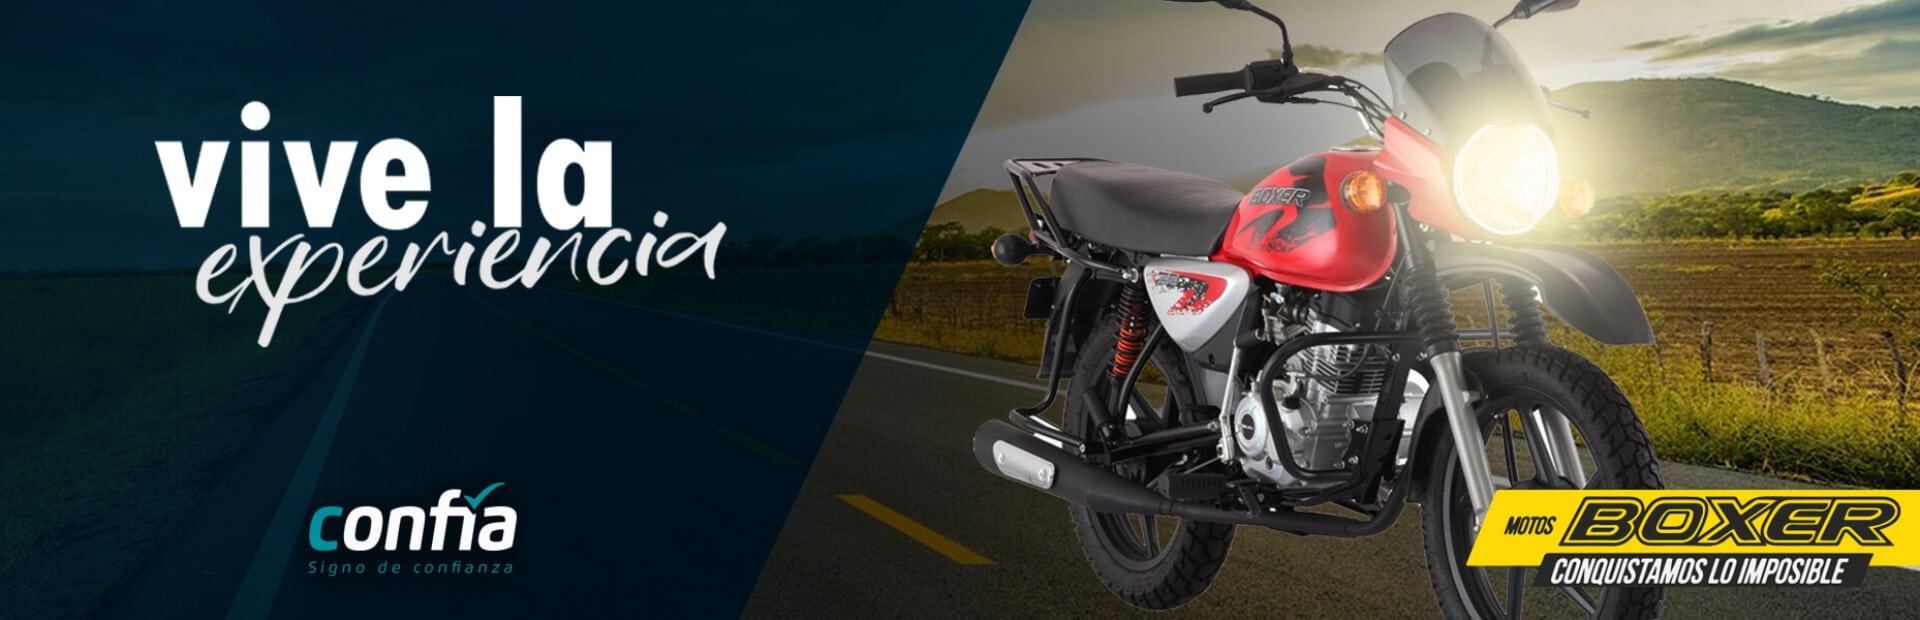 moto1-1920x620_c